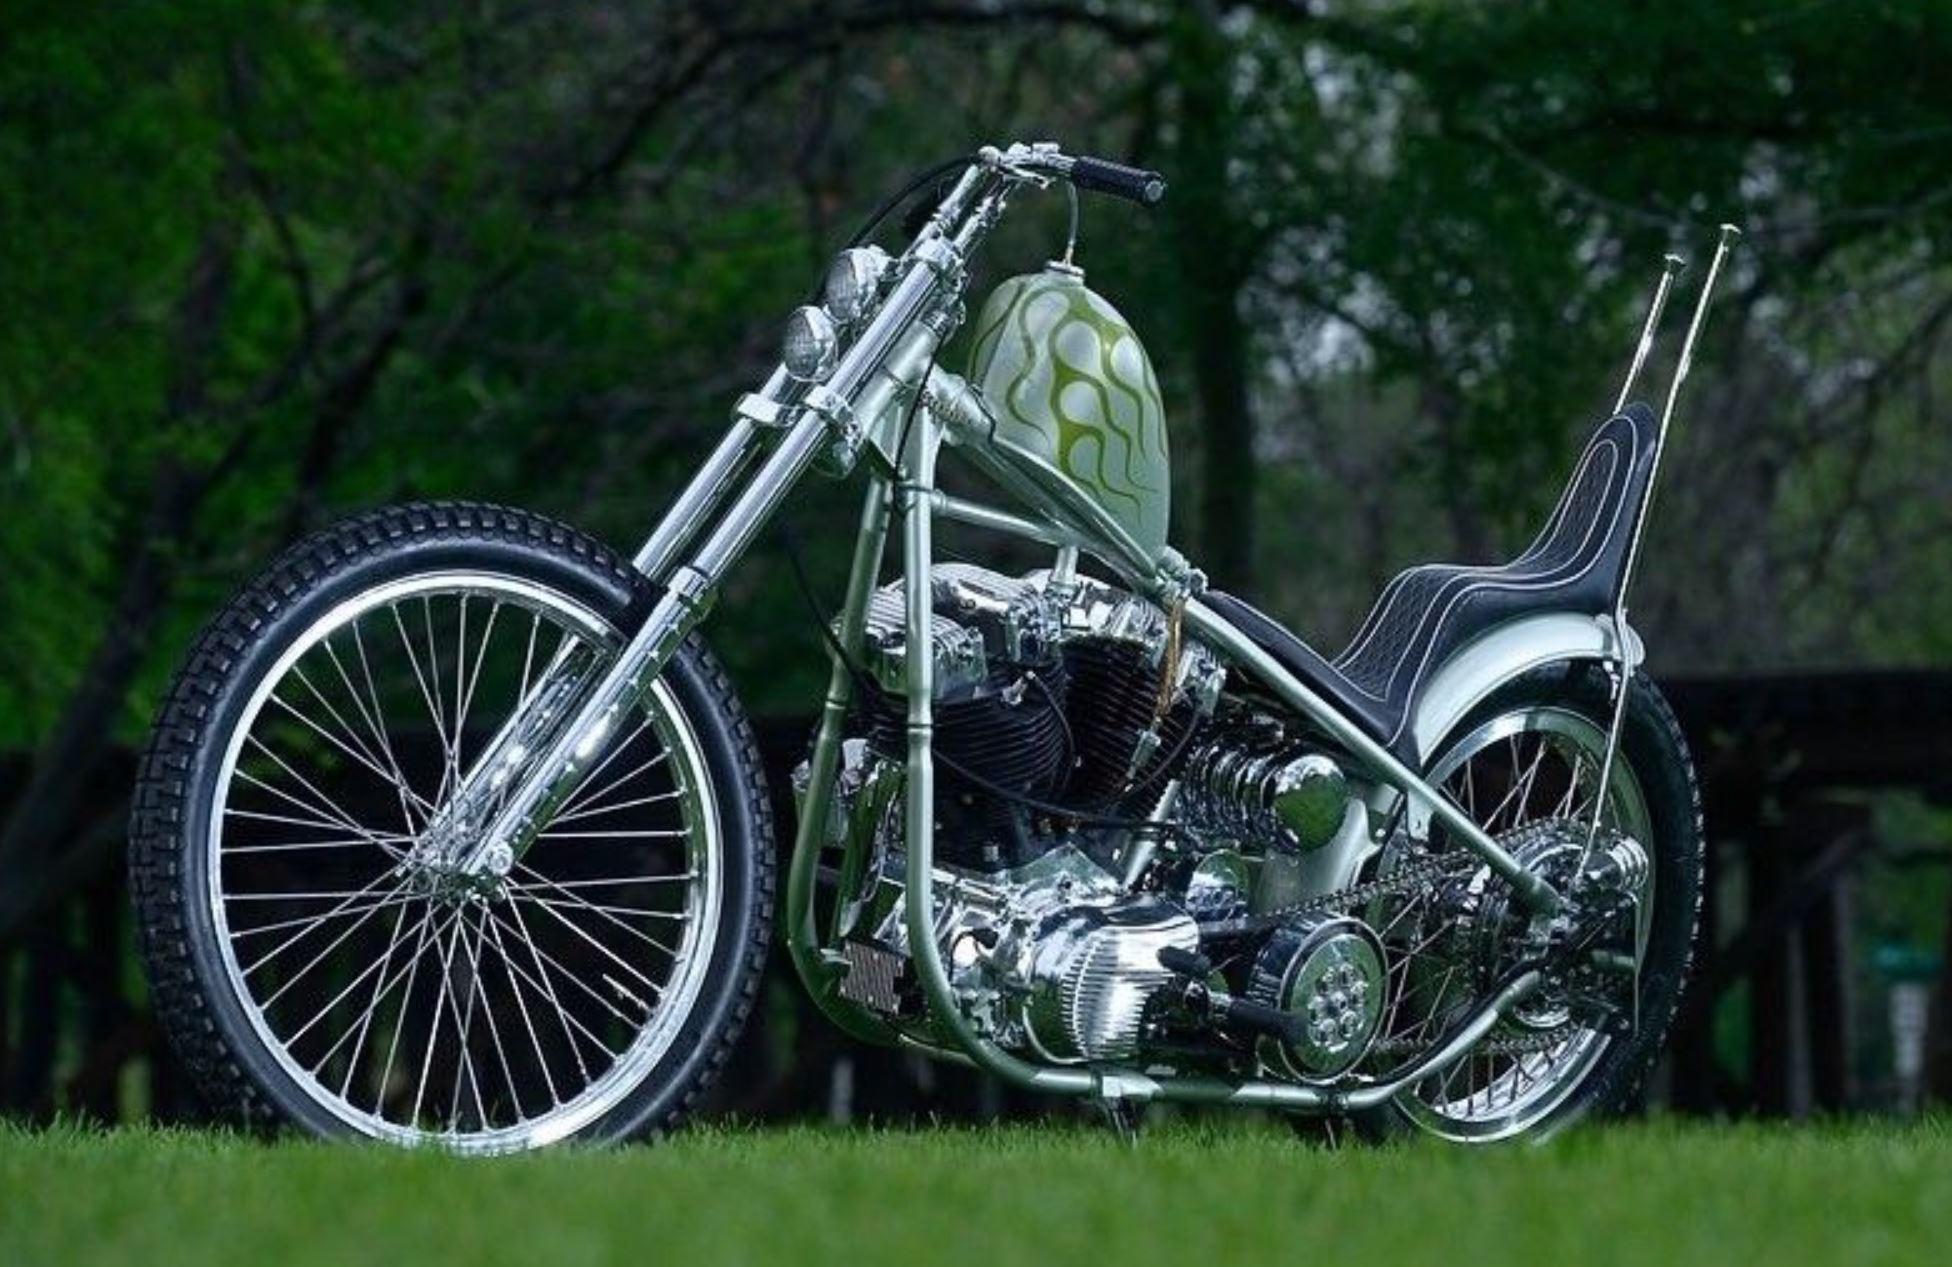 Chemical Candy Build – 1976 Harley-Davidson Shovelhead